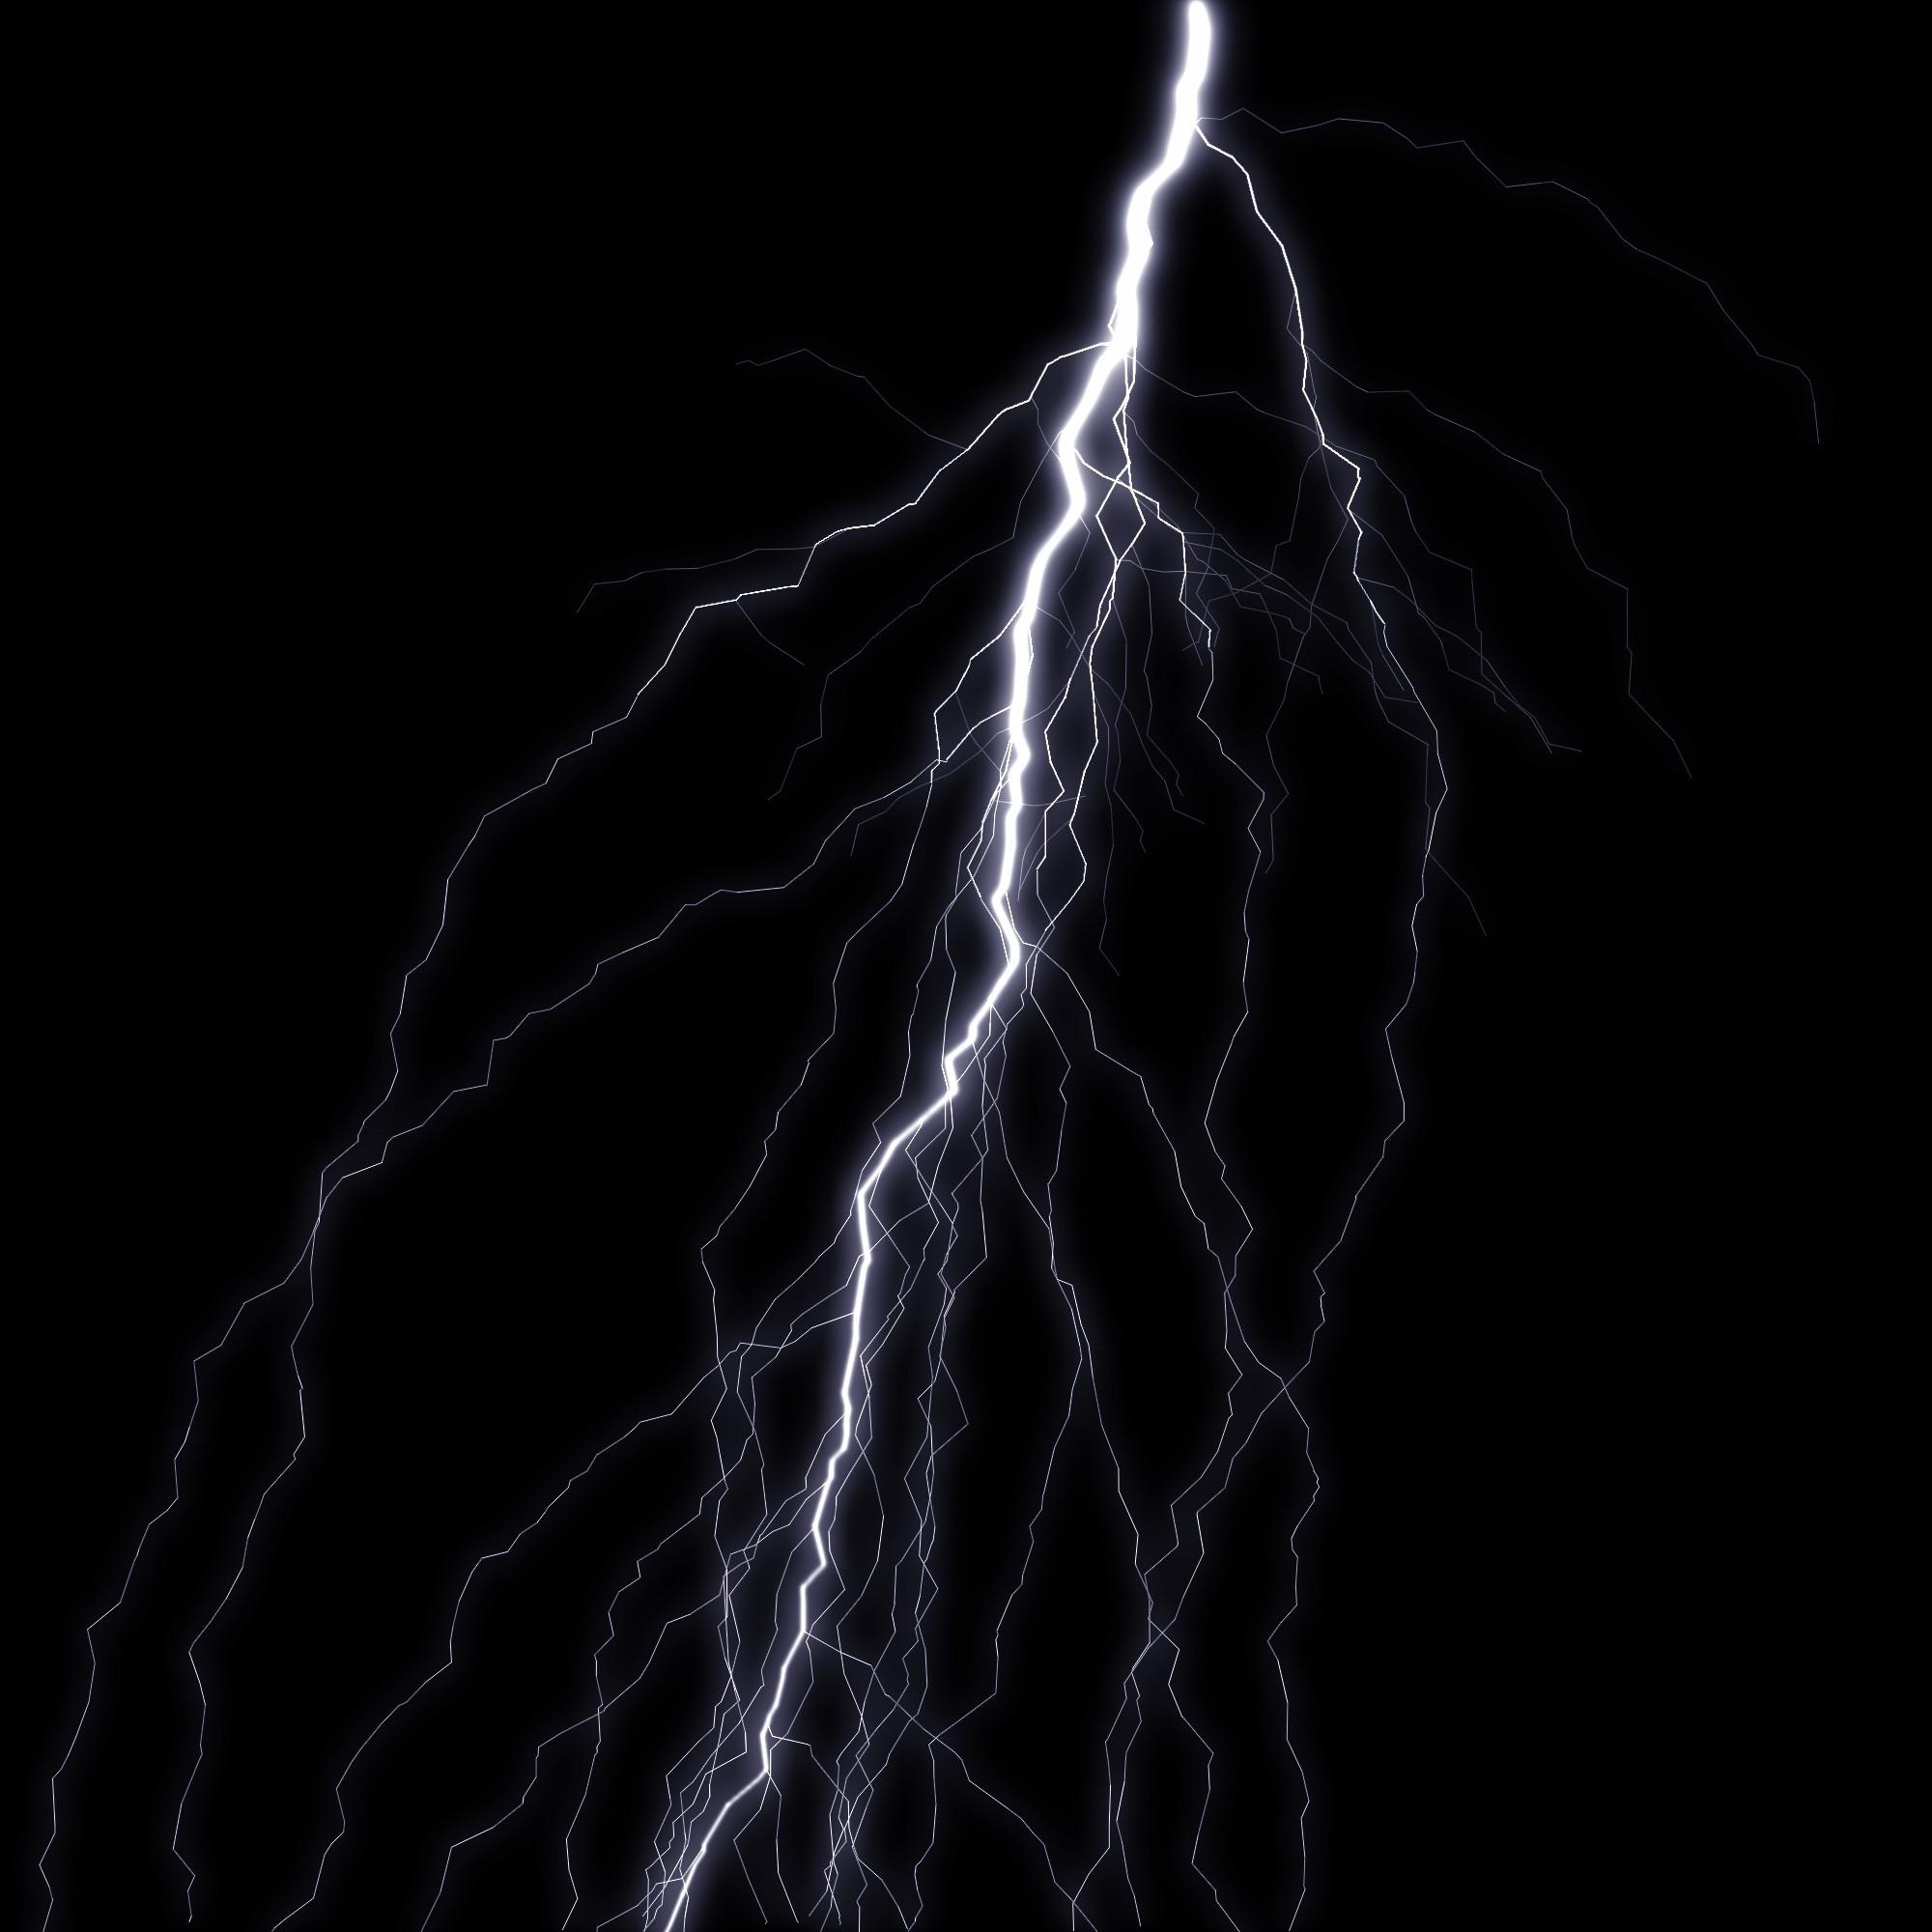 Lightning Bolt Background (43+ pictures)